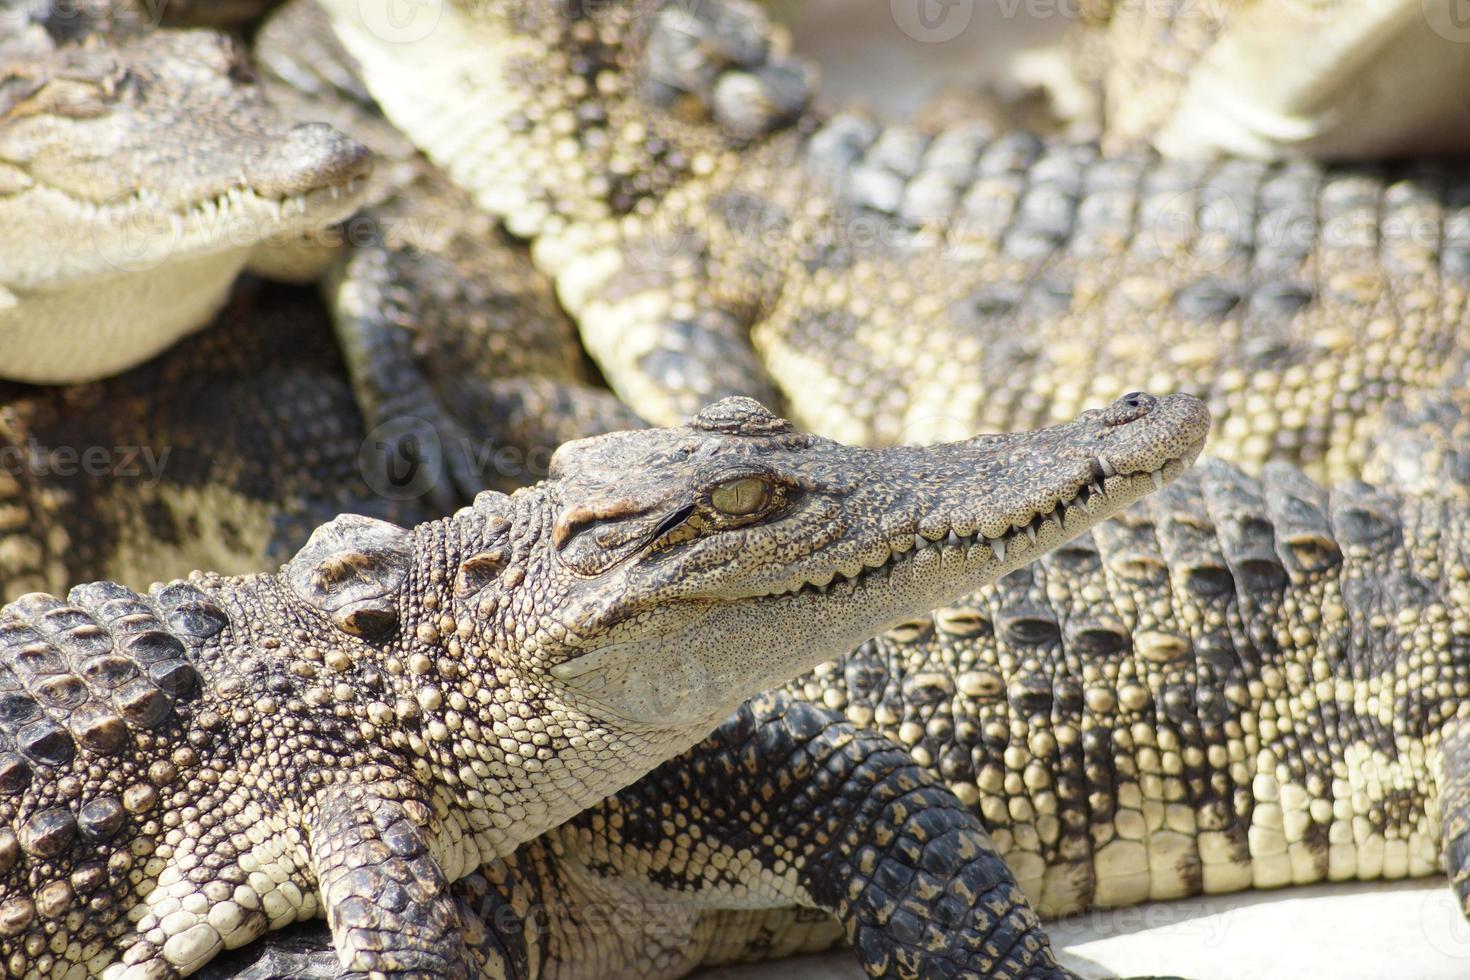 cocodrilos foto